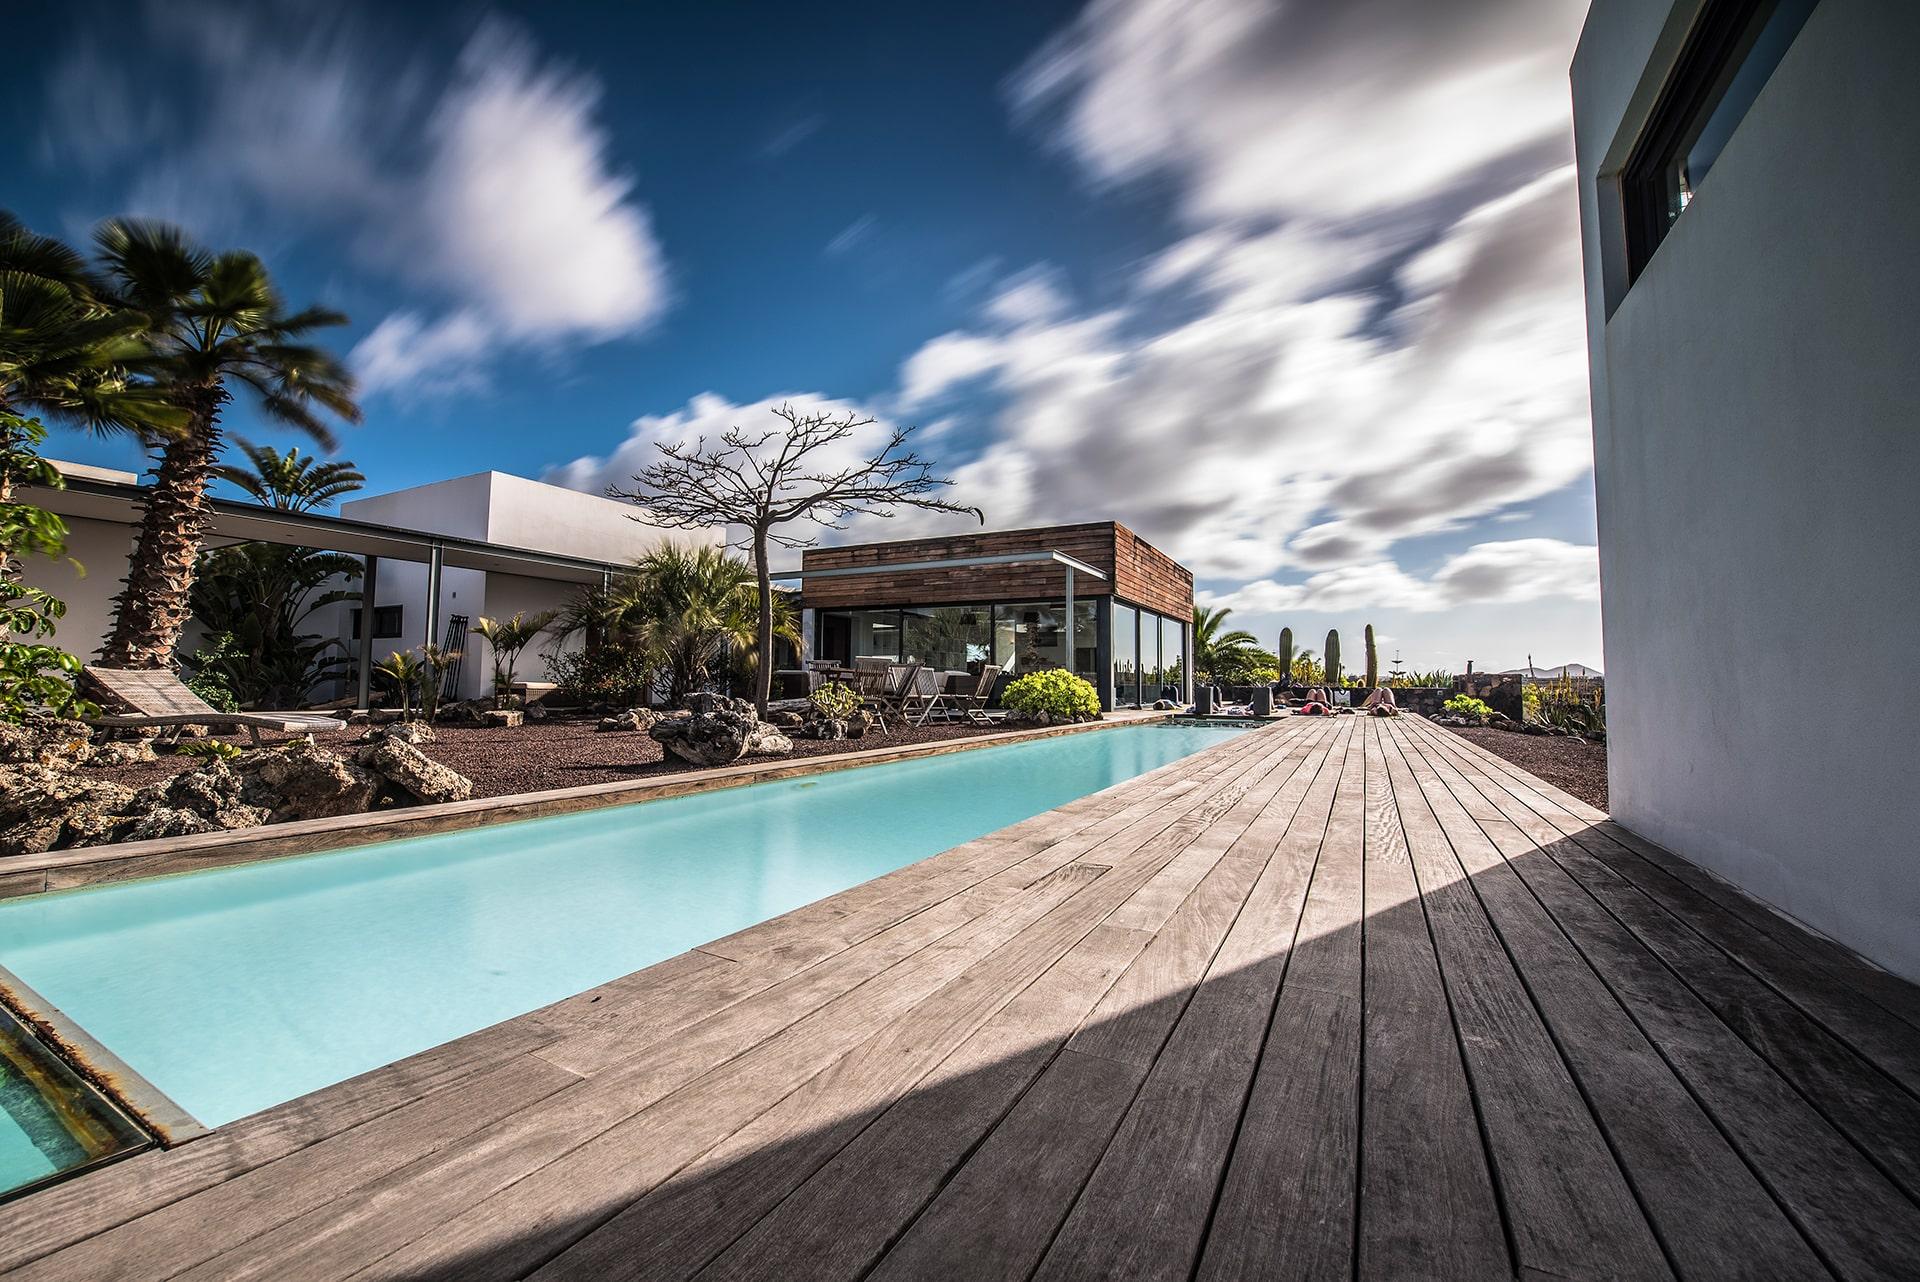 Blog Lifestyle - La piscine décorative - Suivre sa Joie - Saskia Parein